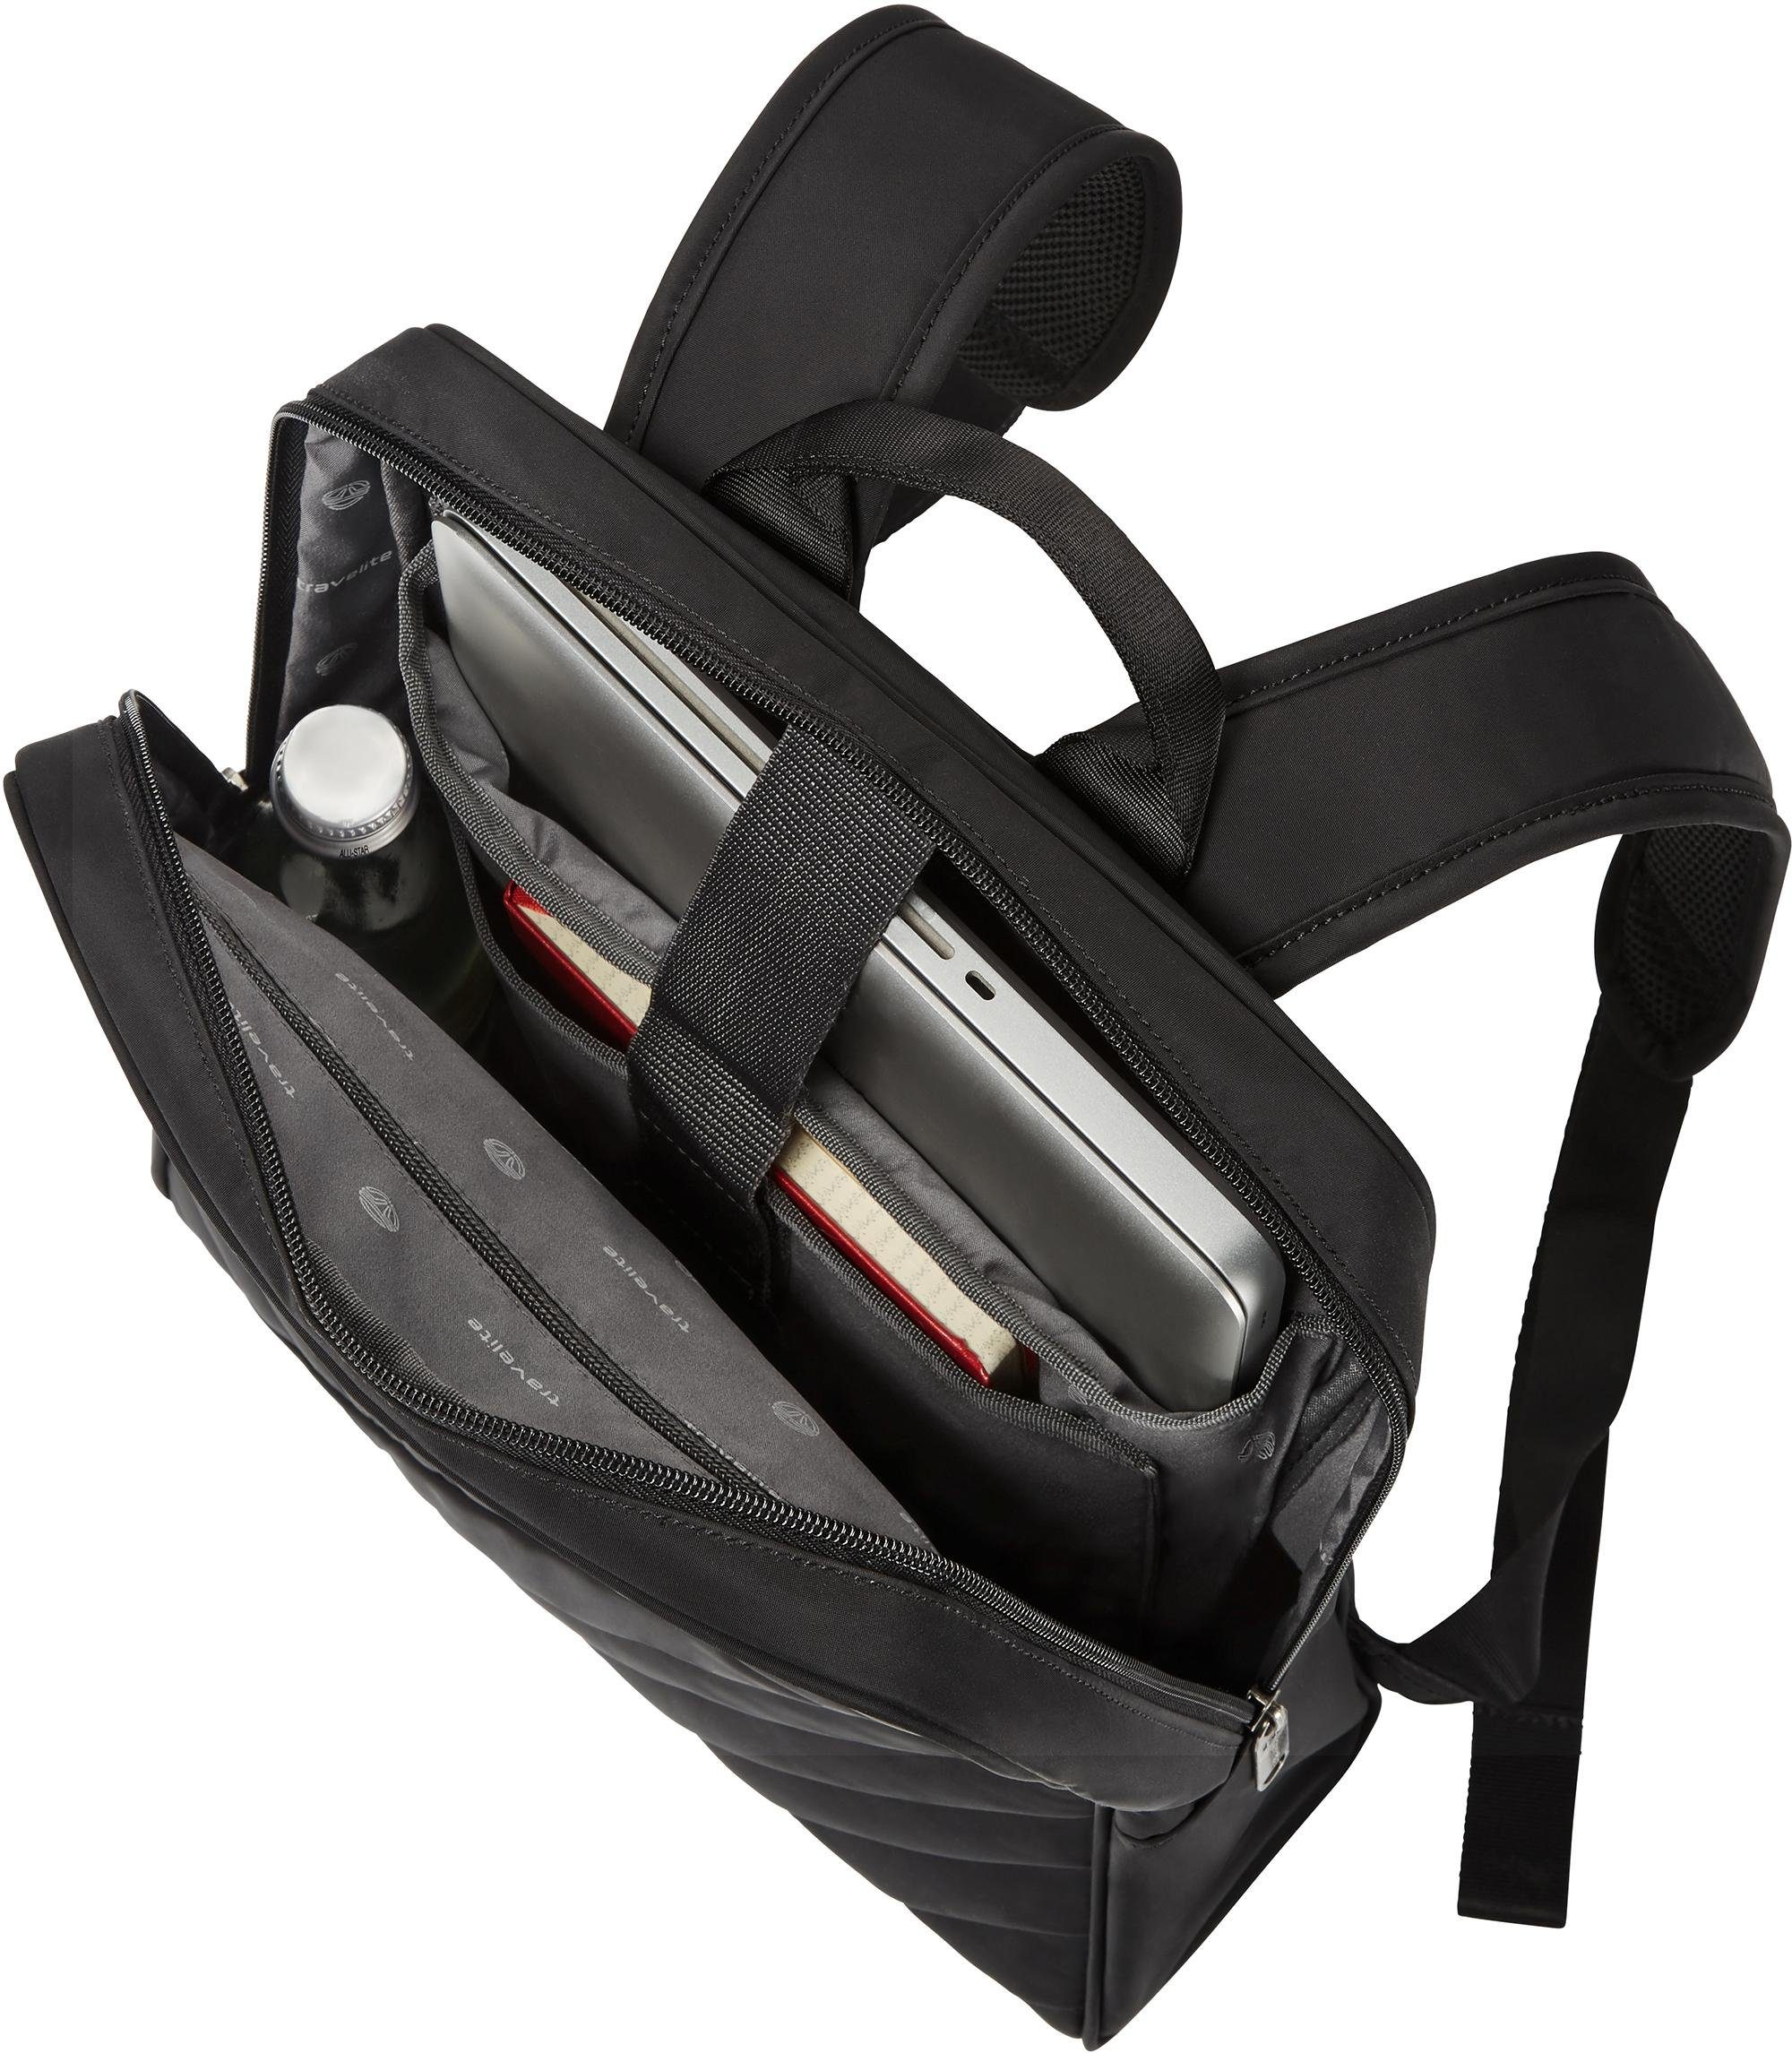 Rollenset3 TlgMit TrolleyRucksack Kaufen Kofferset »jade«4 Und Travelite Online Umhängetasche 5R4AL3j